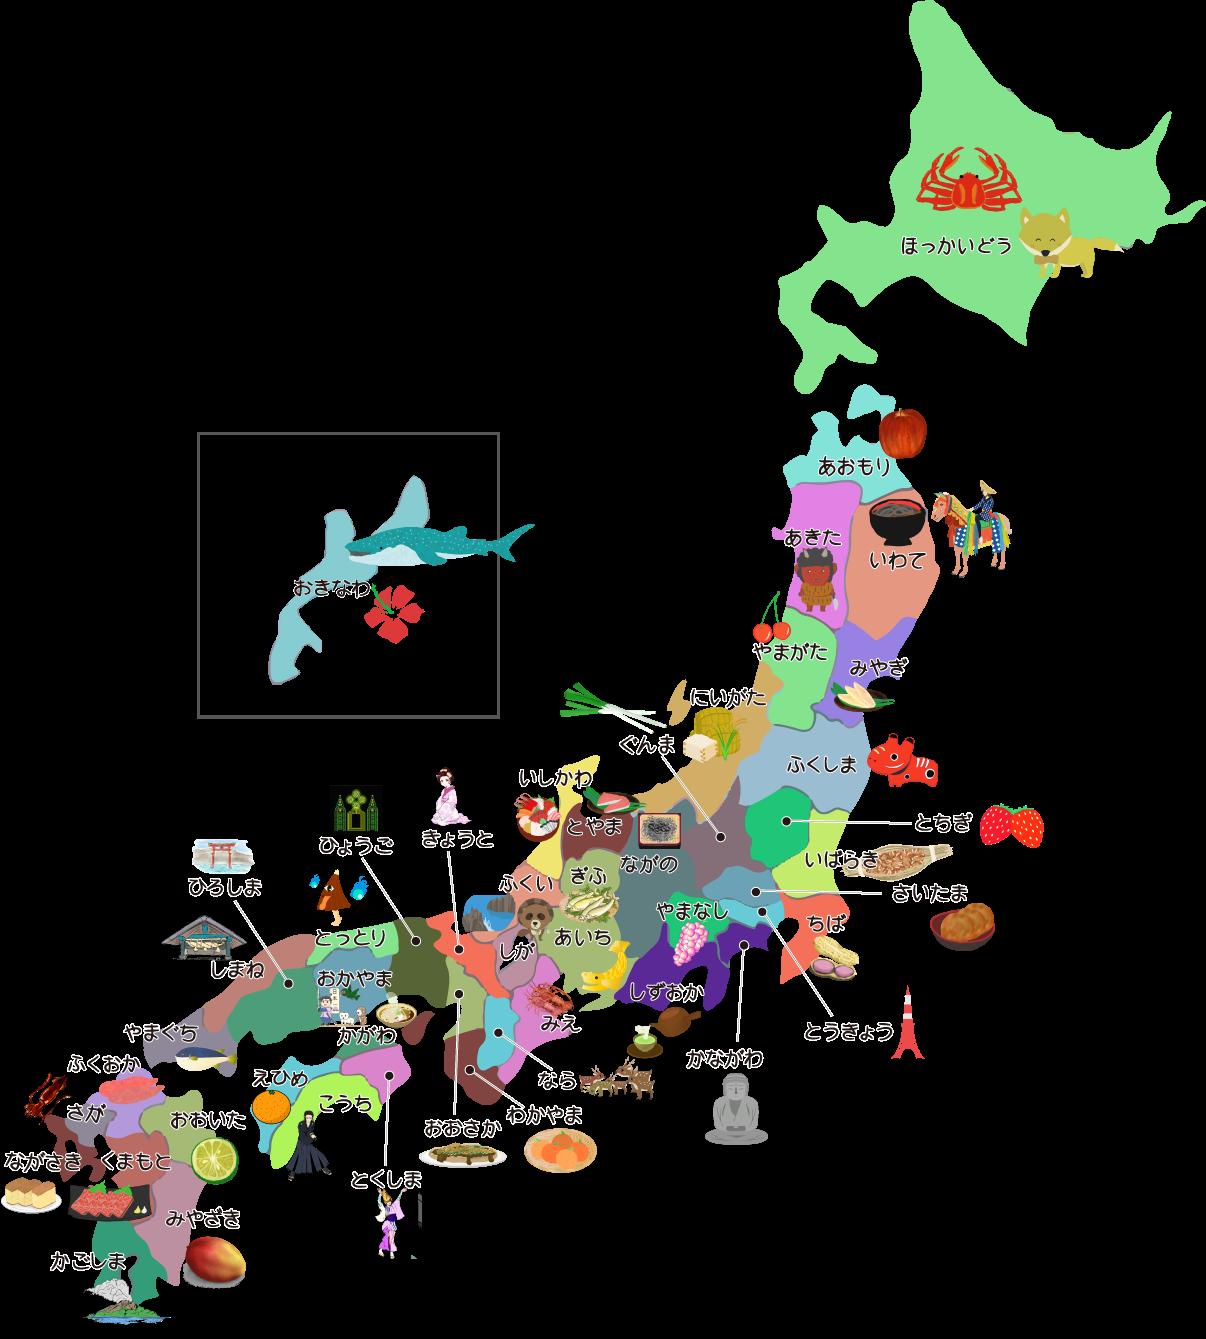 名産・名物と日本地図のイラスト